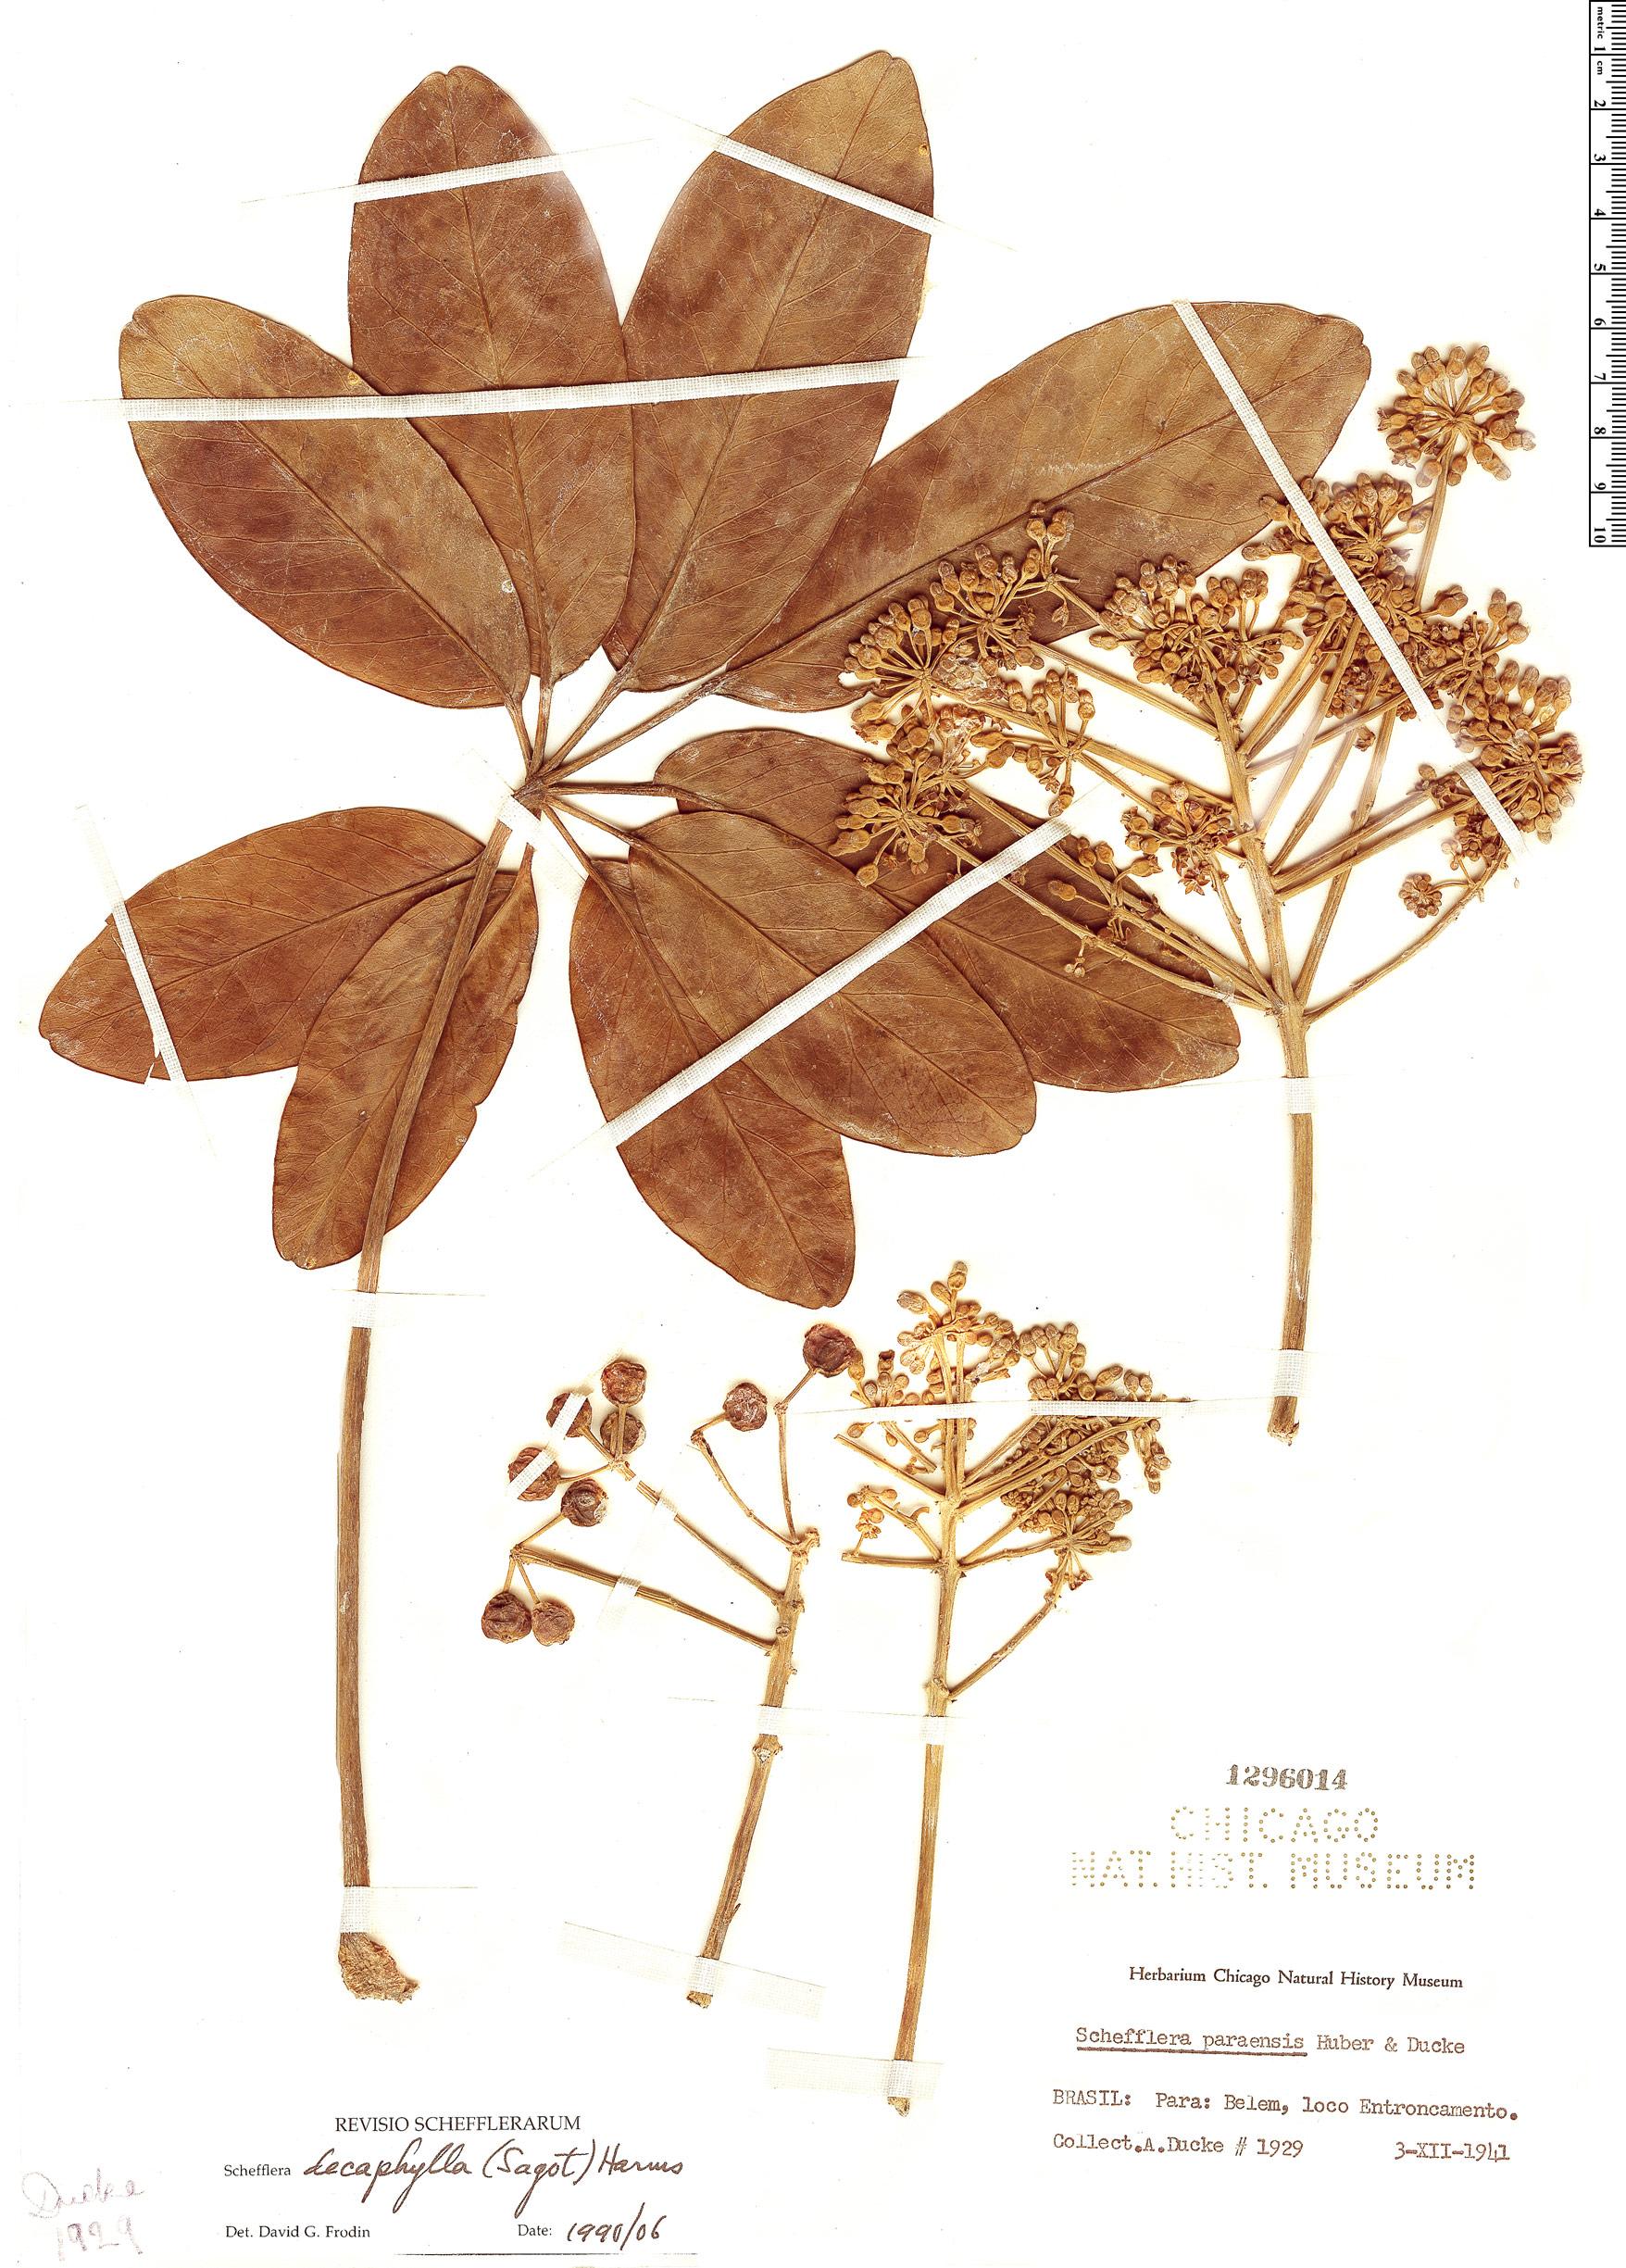 Specimen: Schefflera decaphylla